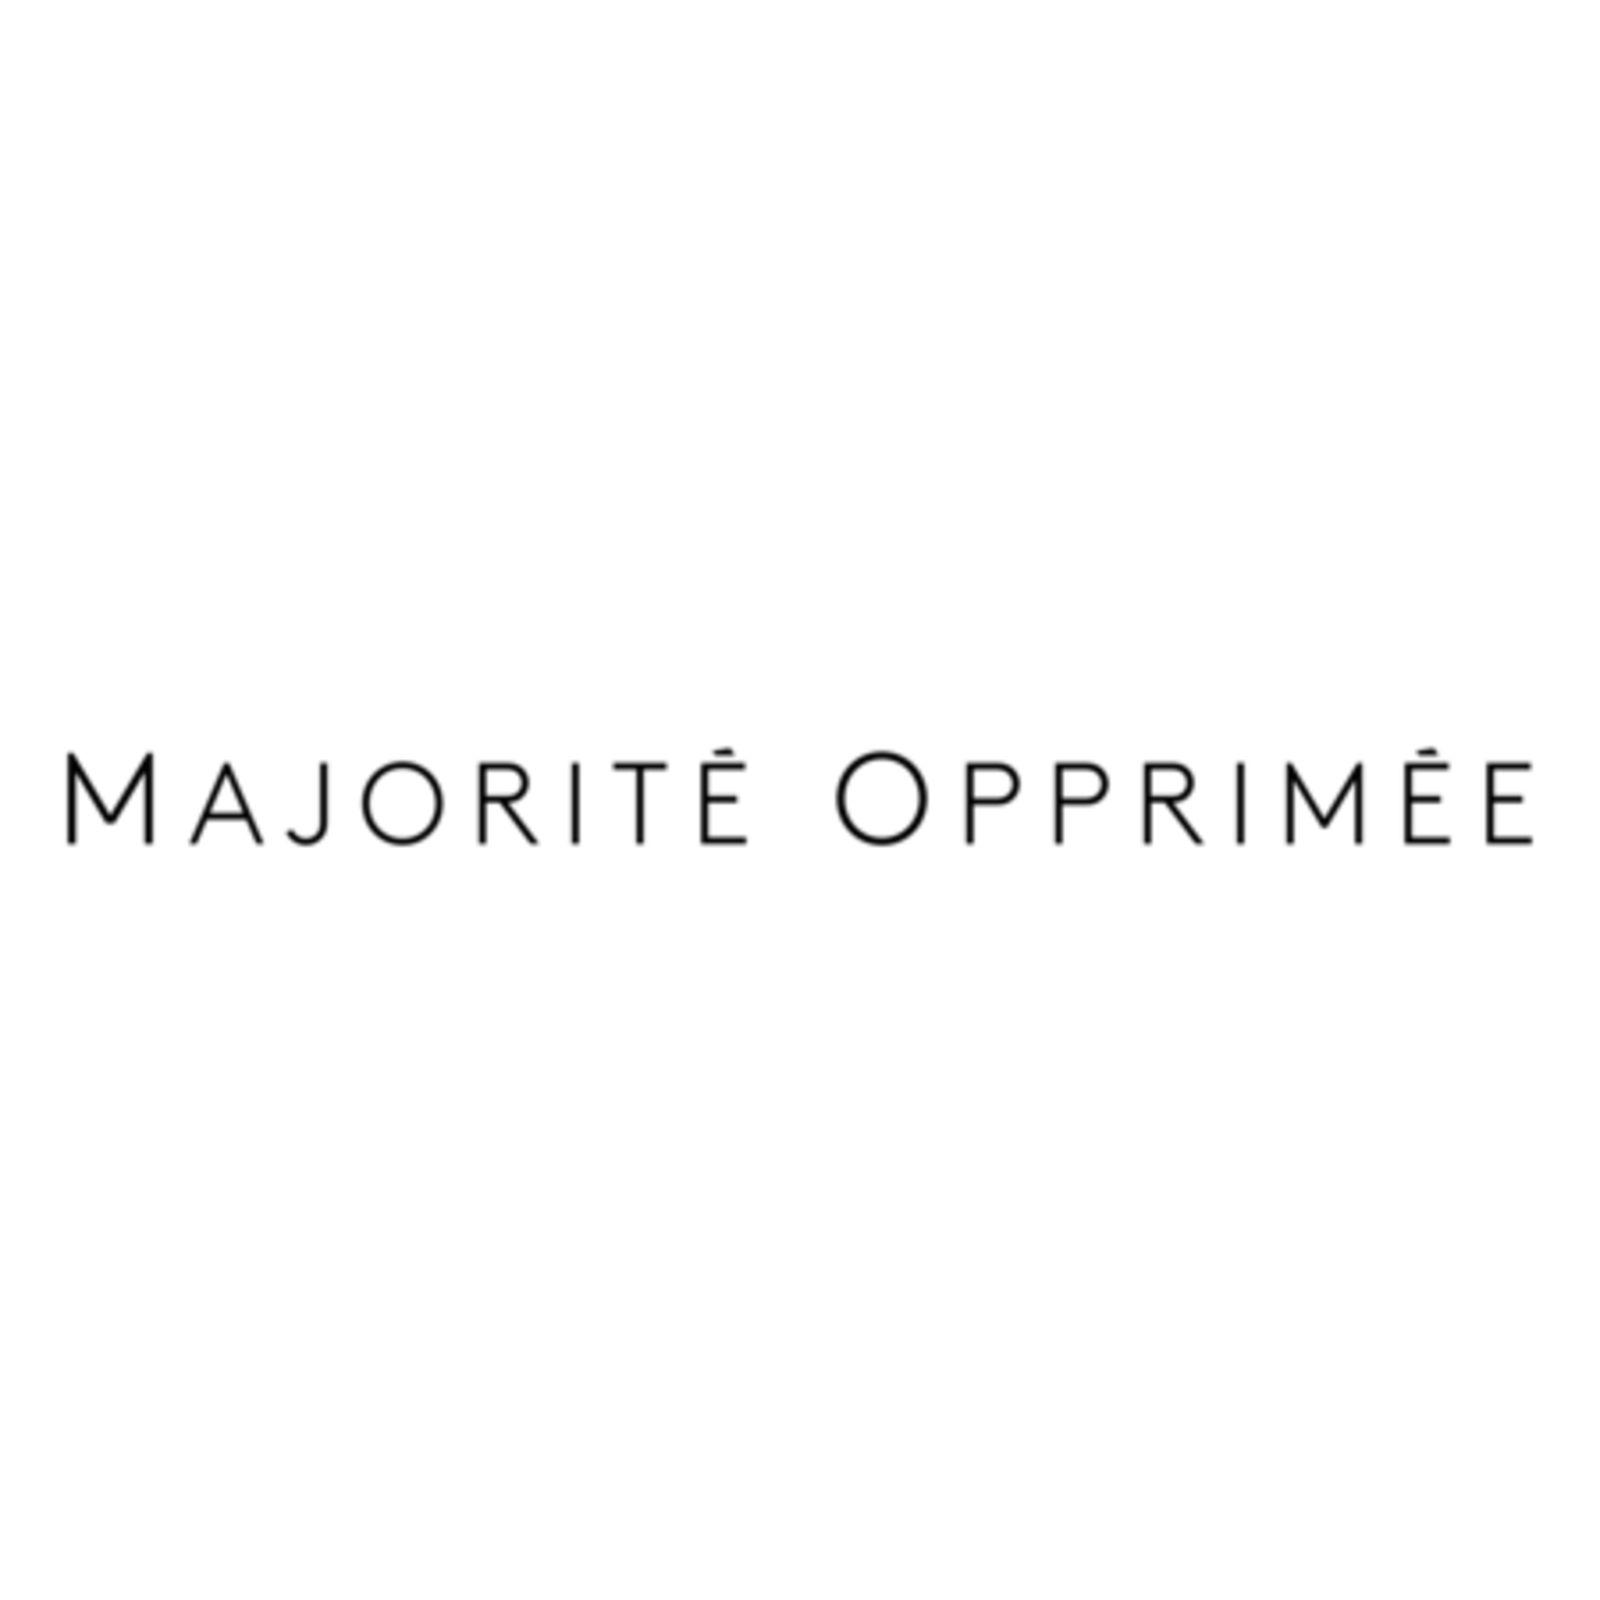 majorité opprimé